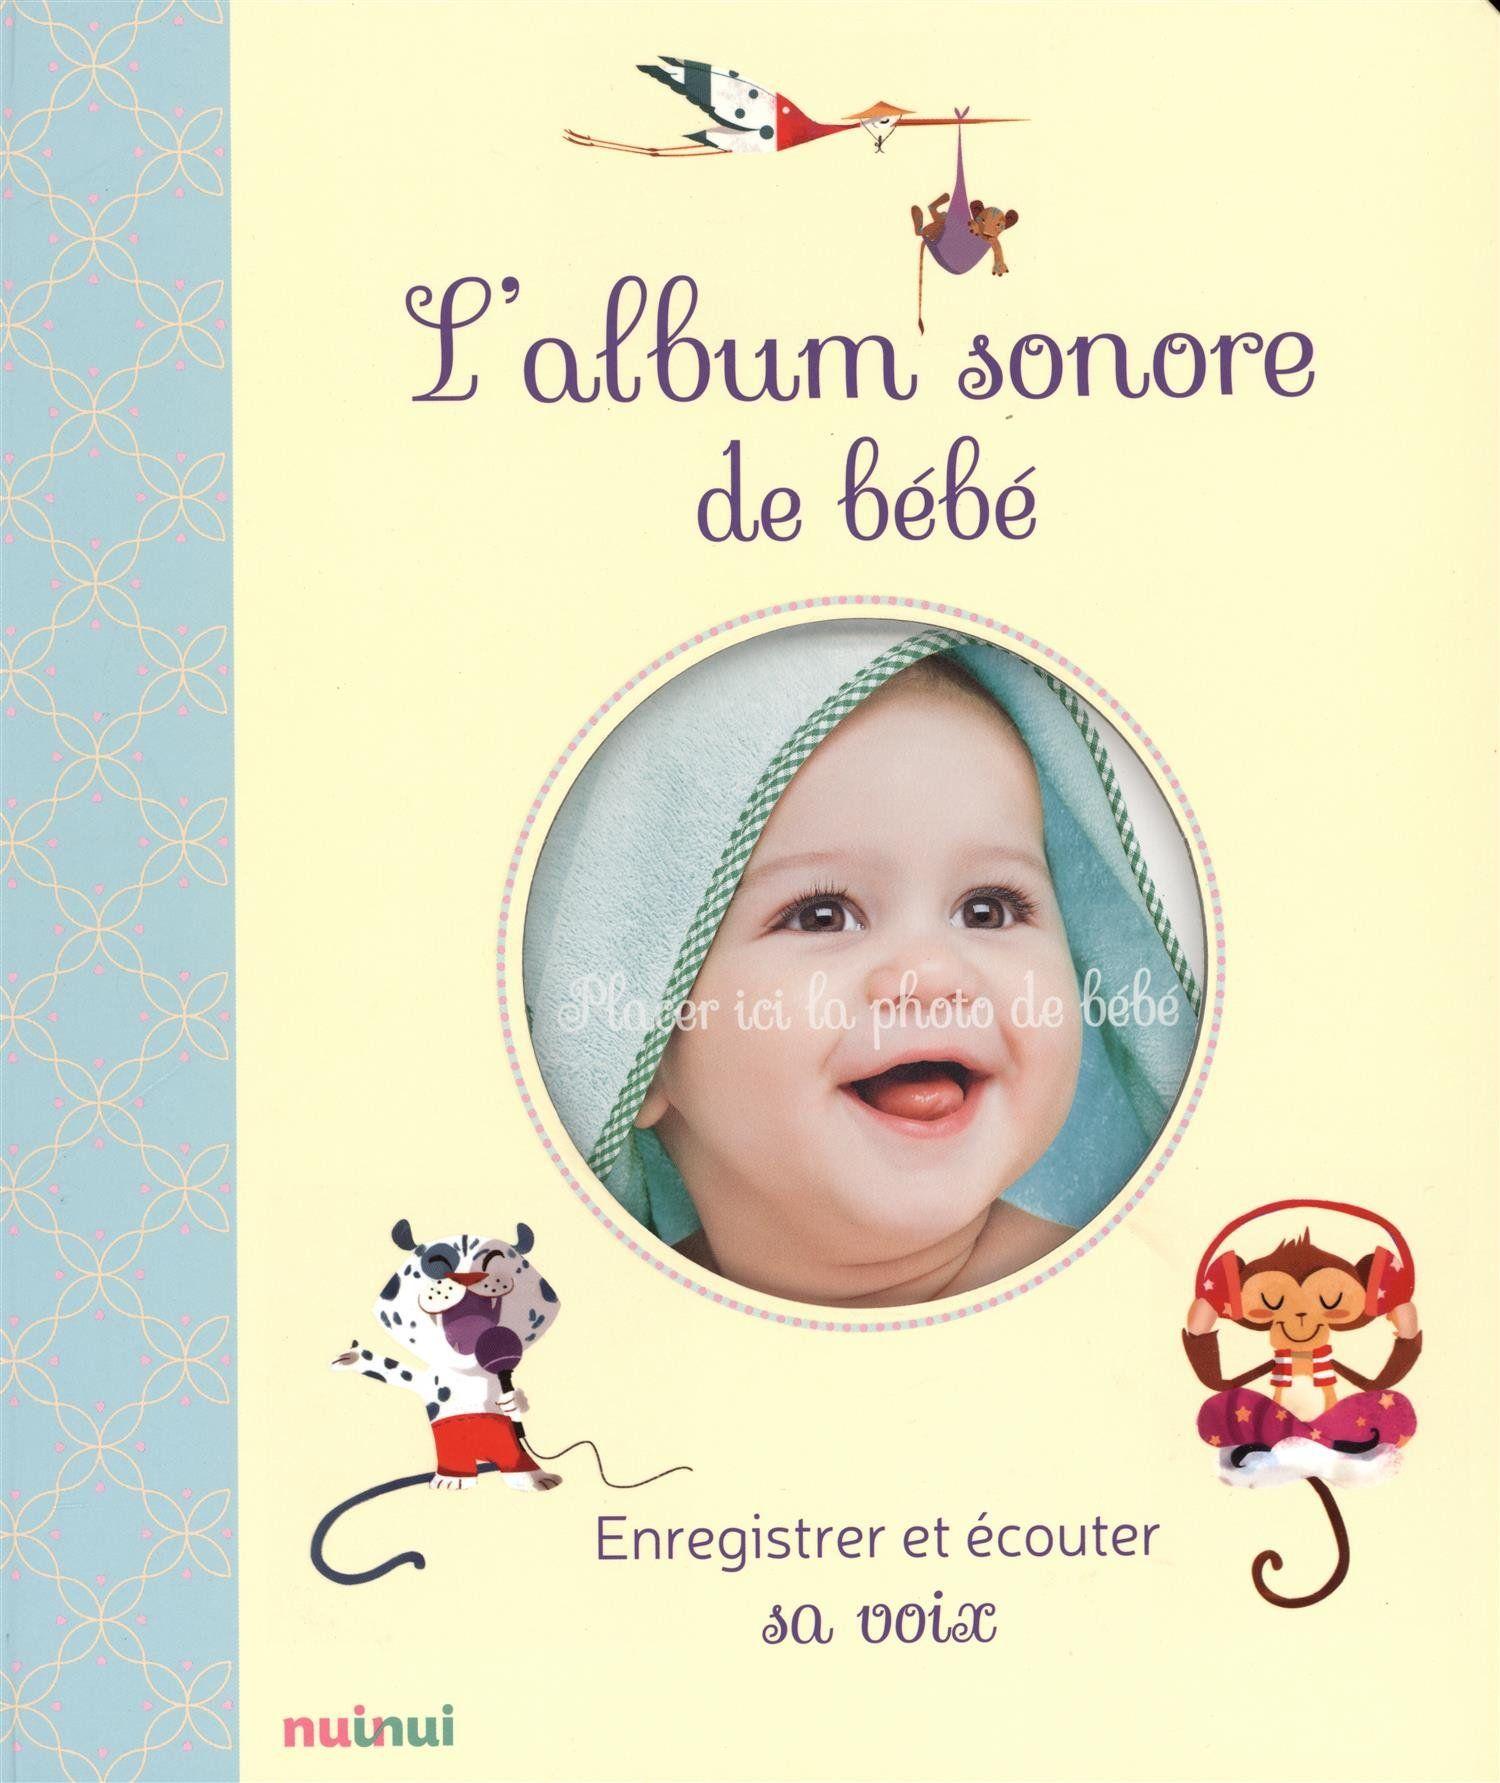 L'album sonore de bébé - enregistrer et écouter sa voix -